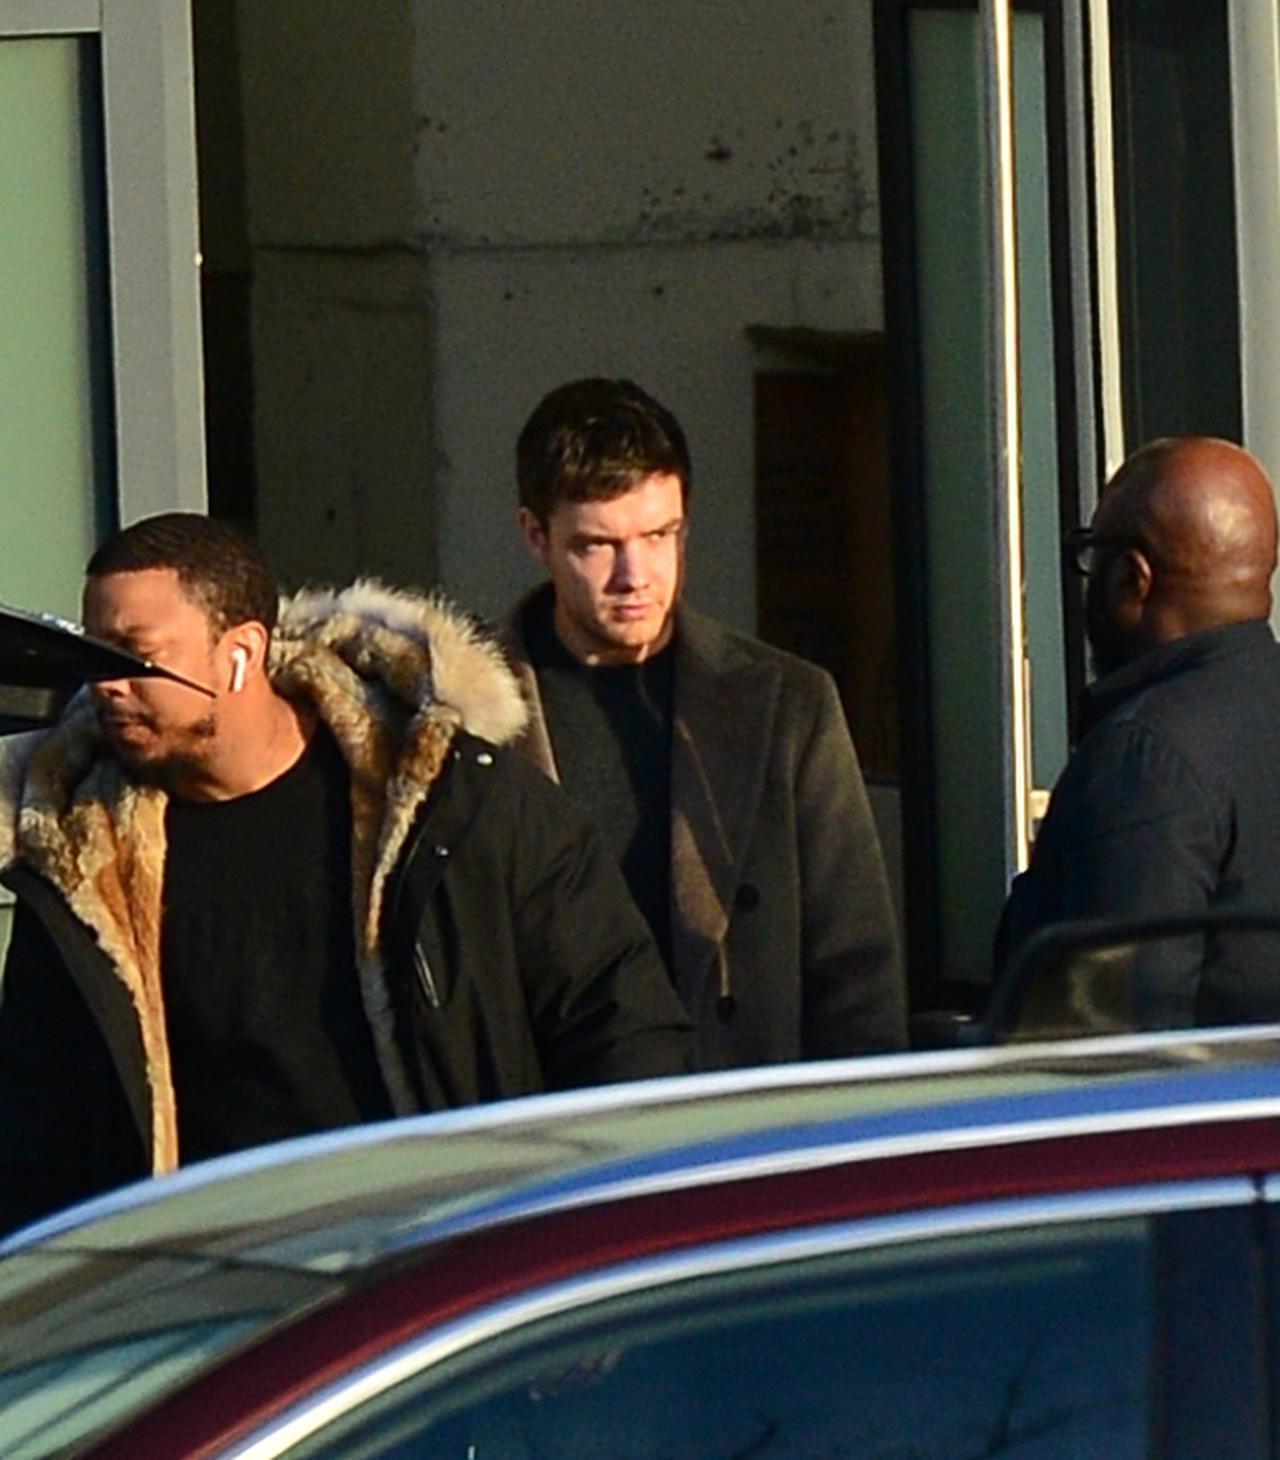 画像1: リアム・ペイン、ナオミ・キャンベル宅から朝帰りする姿を激写